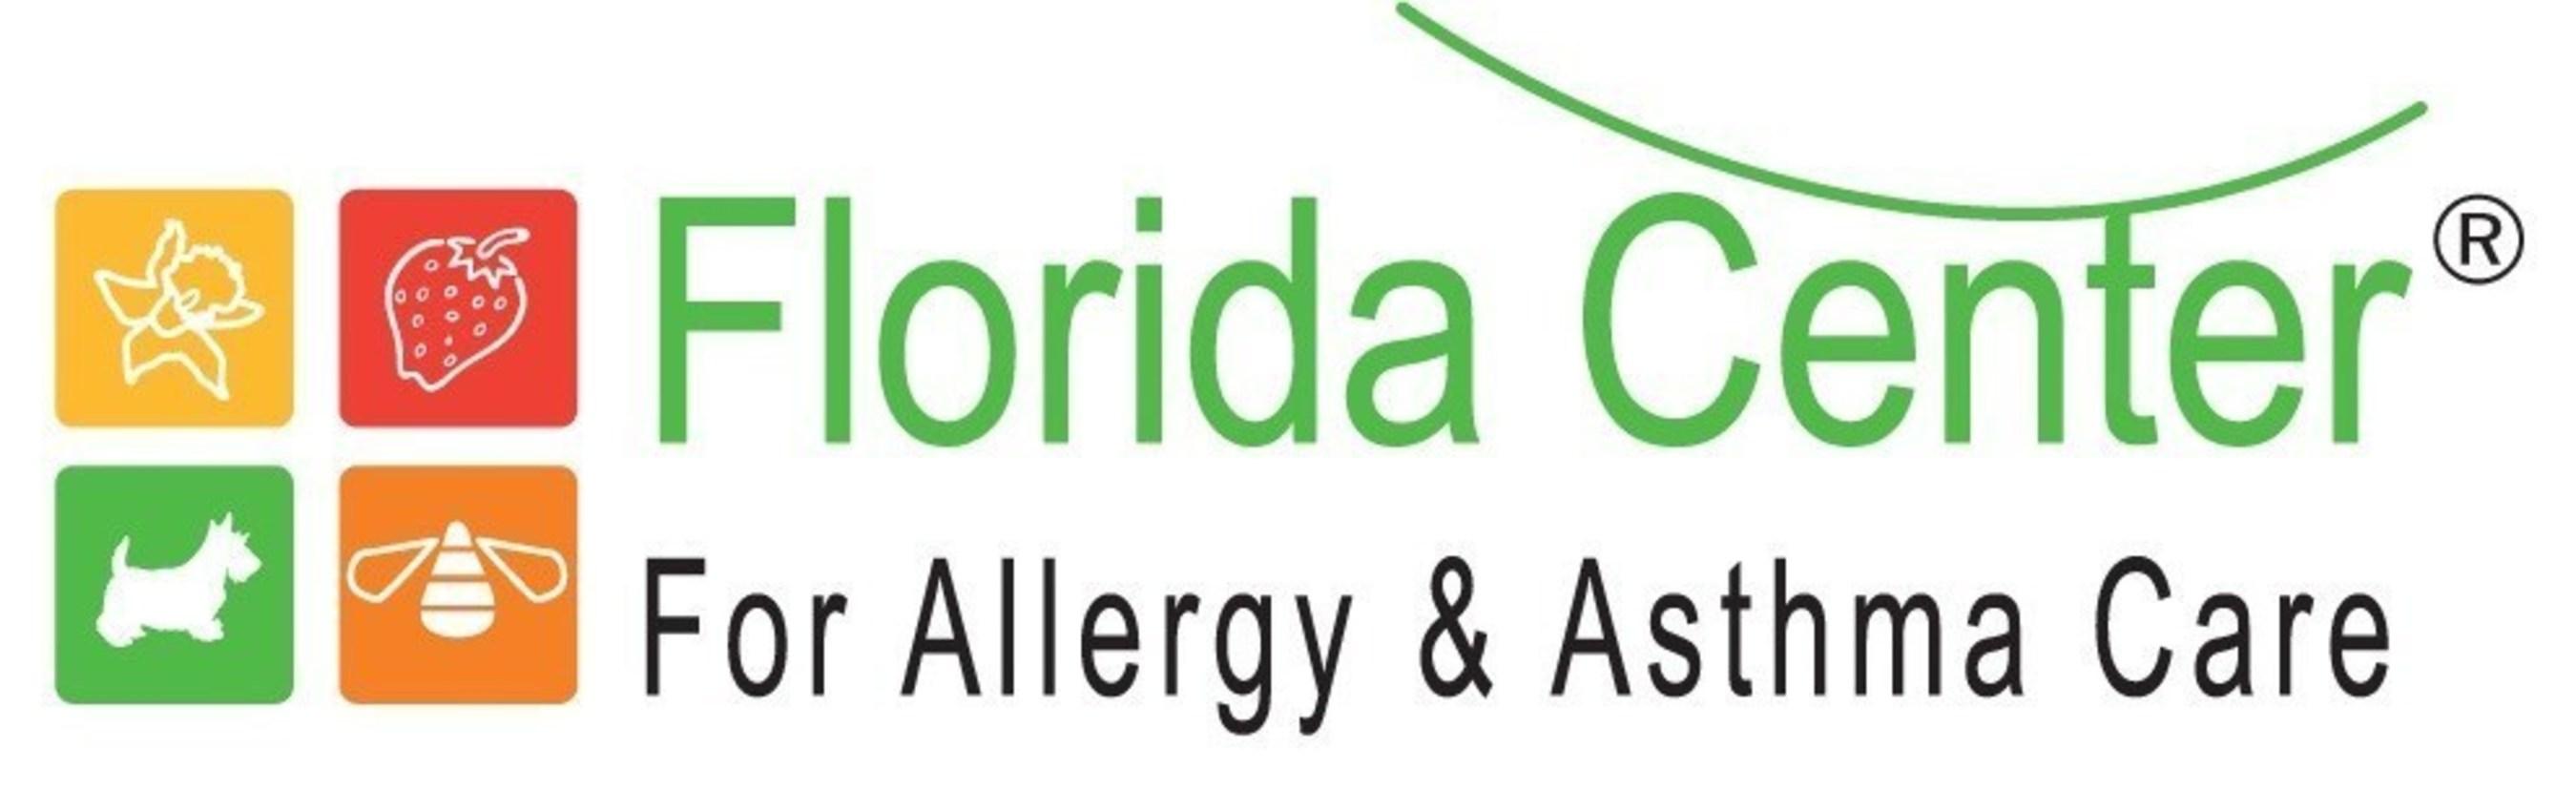 Florida Center For Allergy & Asthma Care Logo (PRNewsFoto/Florida Center For Allergy...)